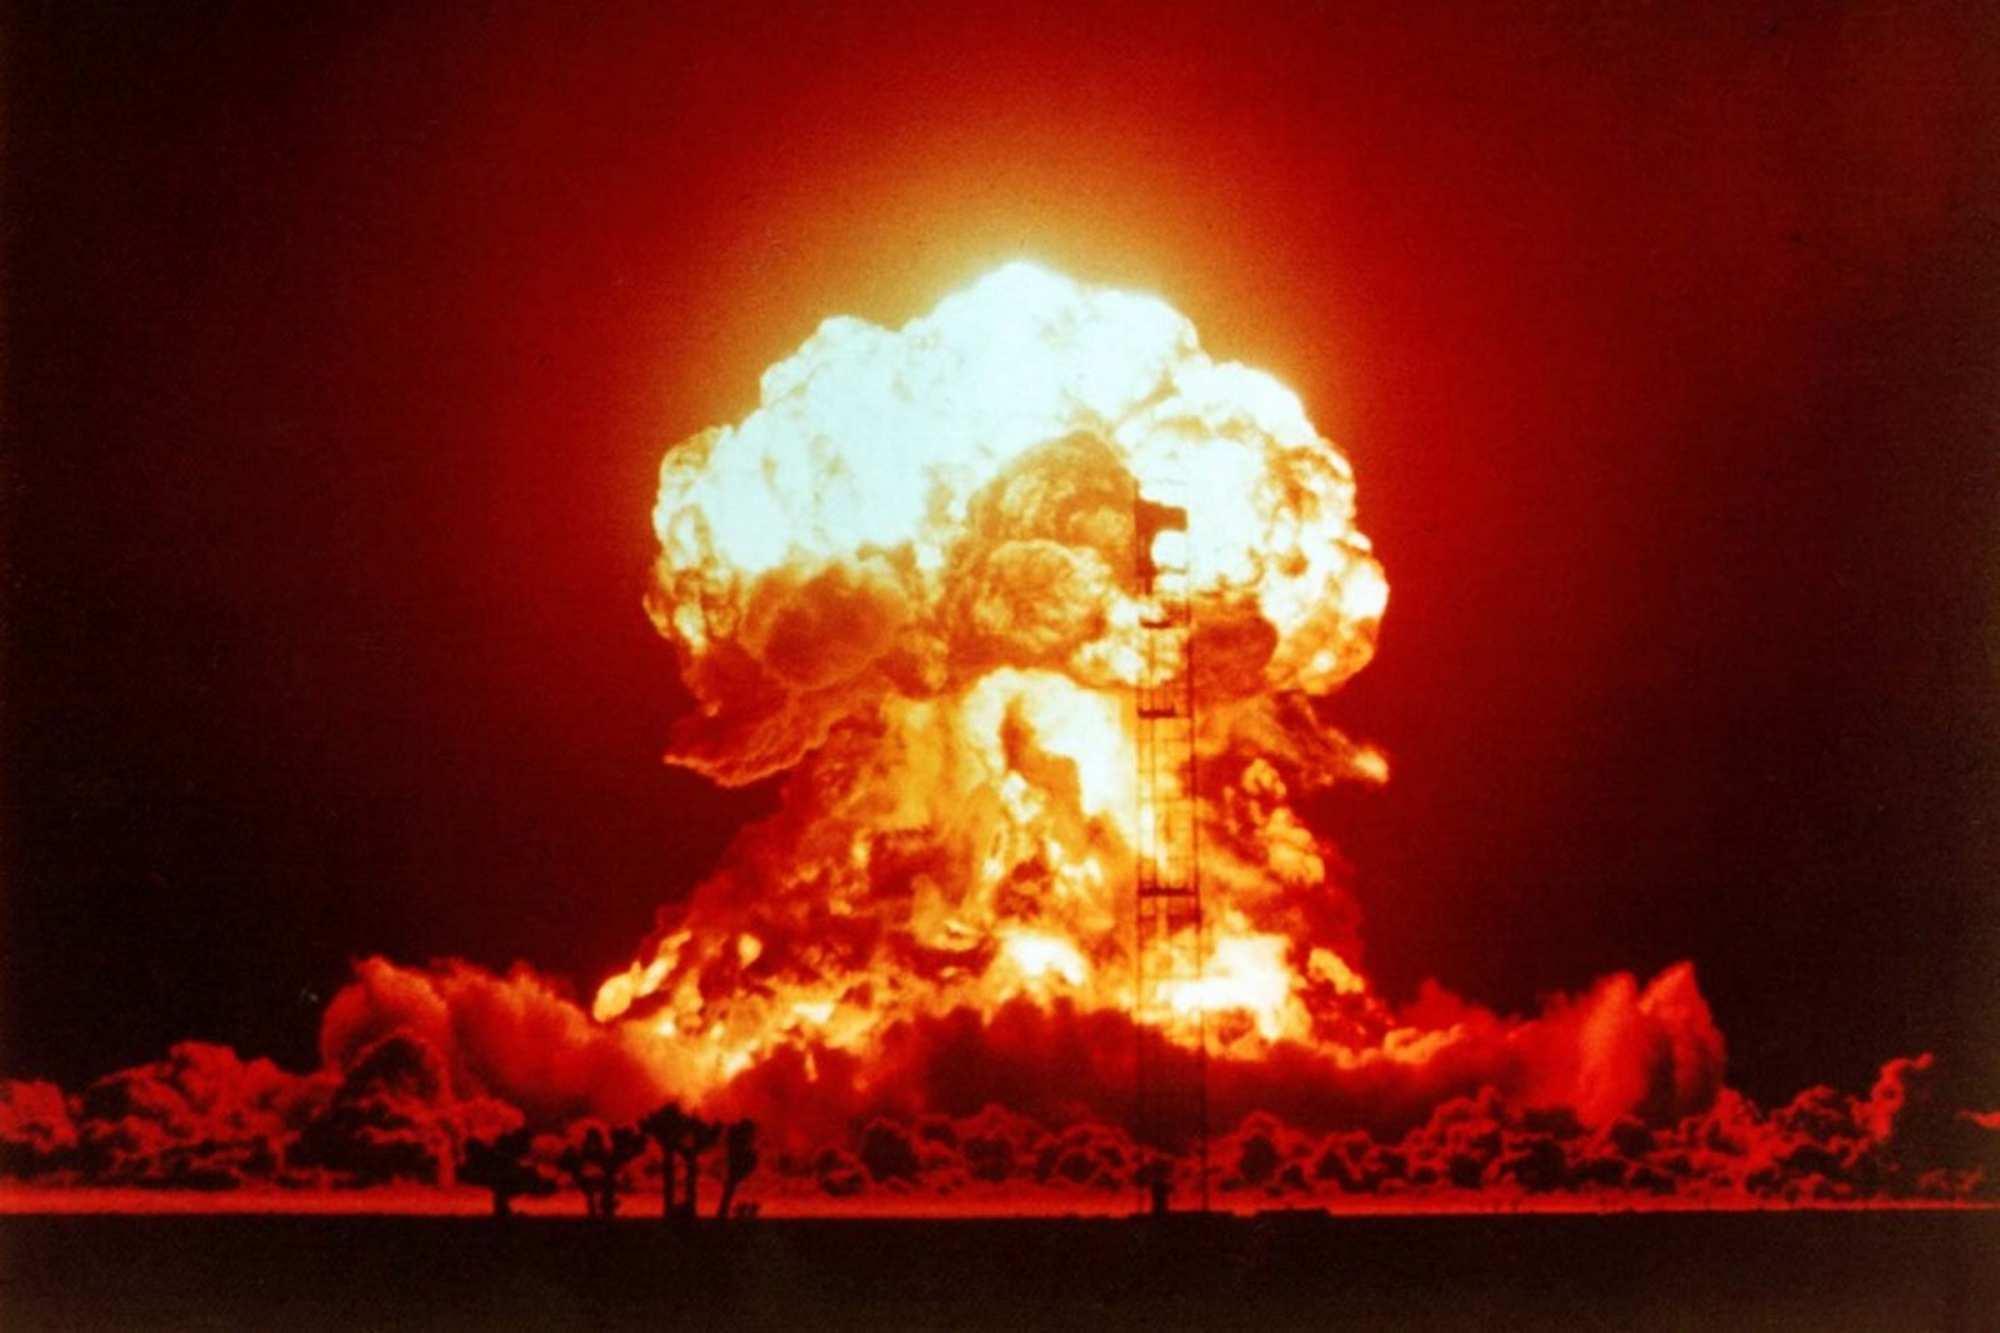 В Великобритании задумались о нанесении ядерного удара по позициям ИГИЛ | Русская весна